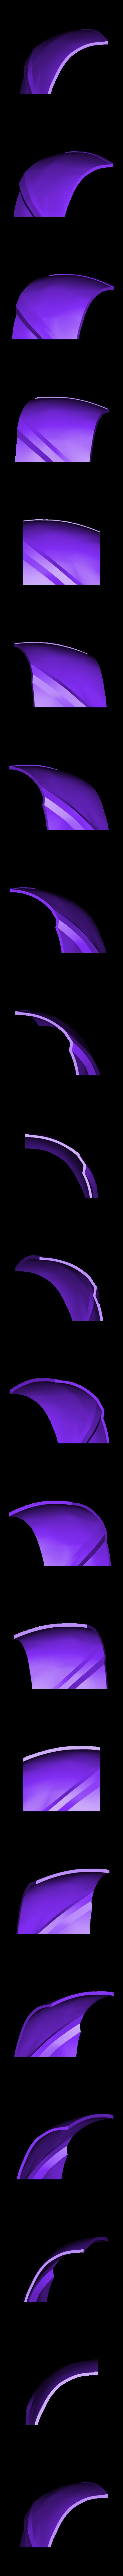 Part 4 v3.stl Download STL file Red Hood Helmet Injustice 2 • Model to 3D print, VillainousPropShop